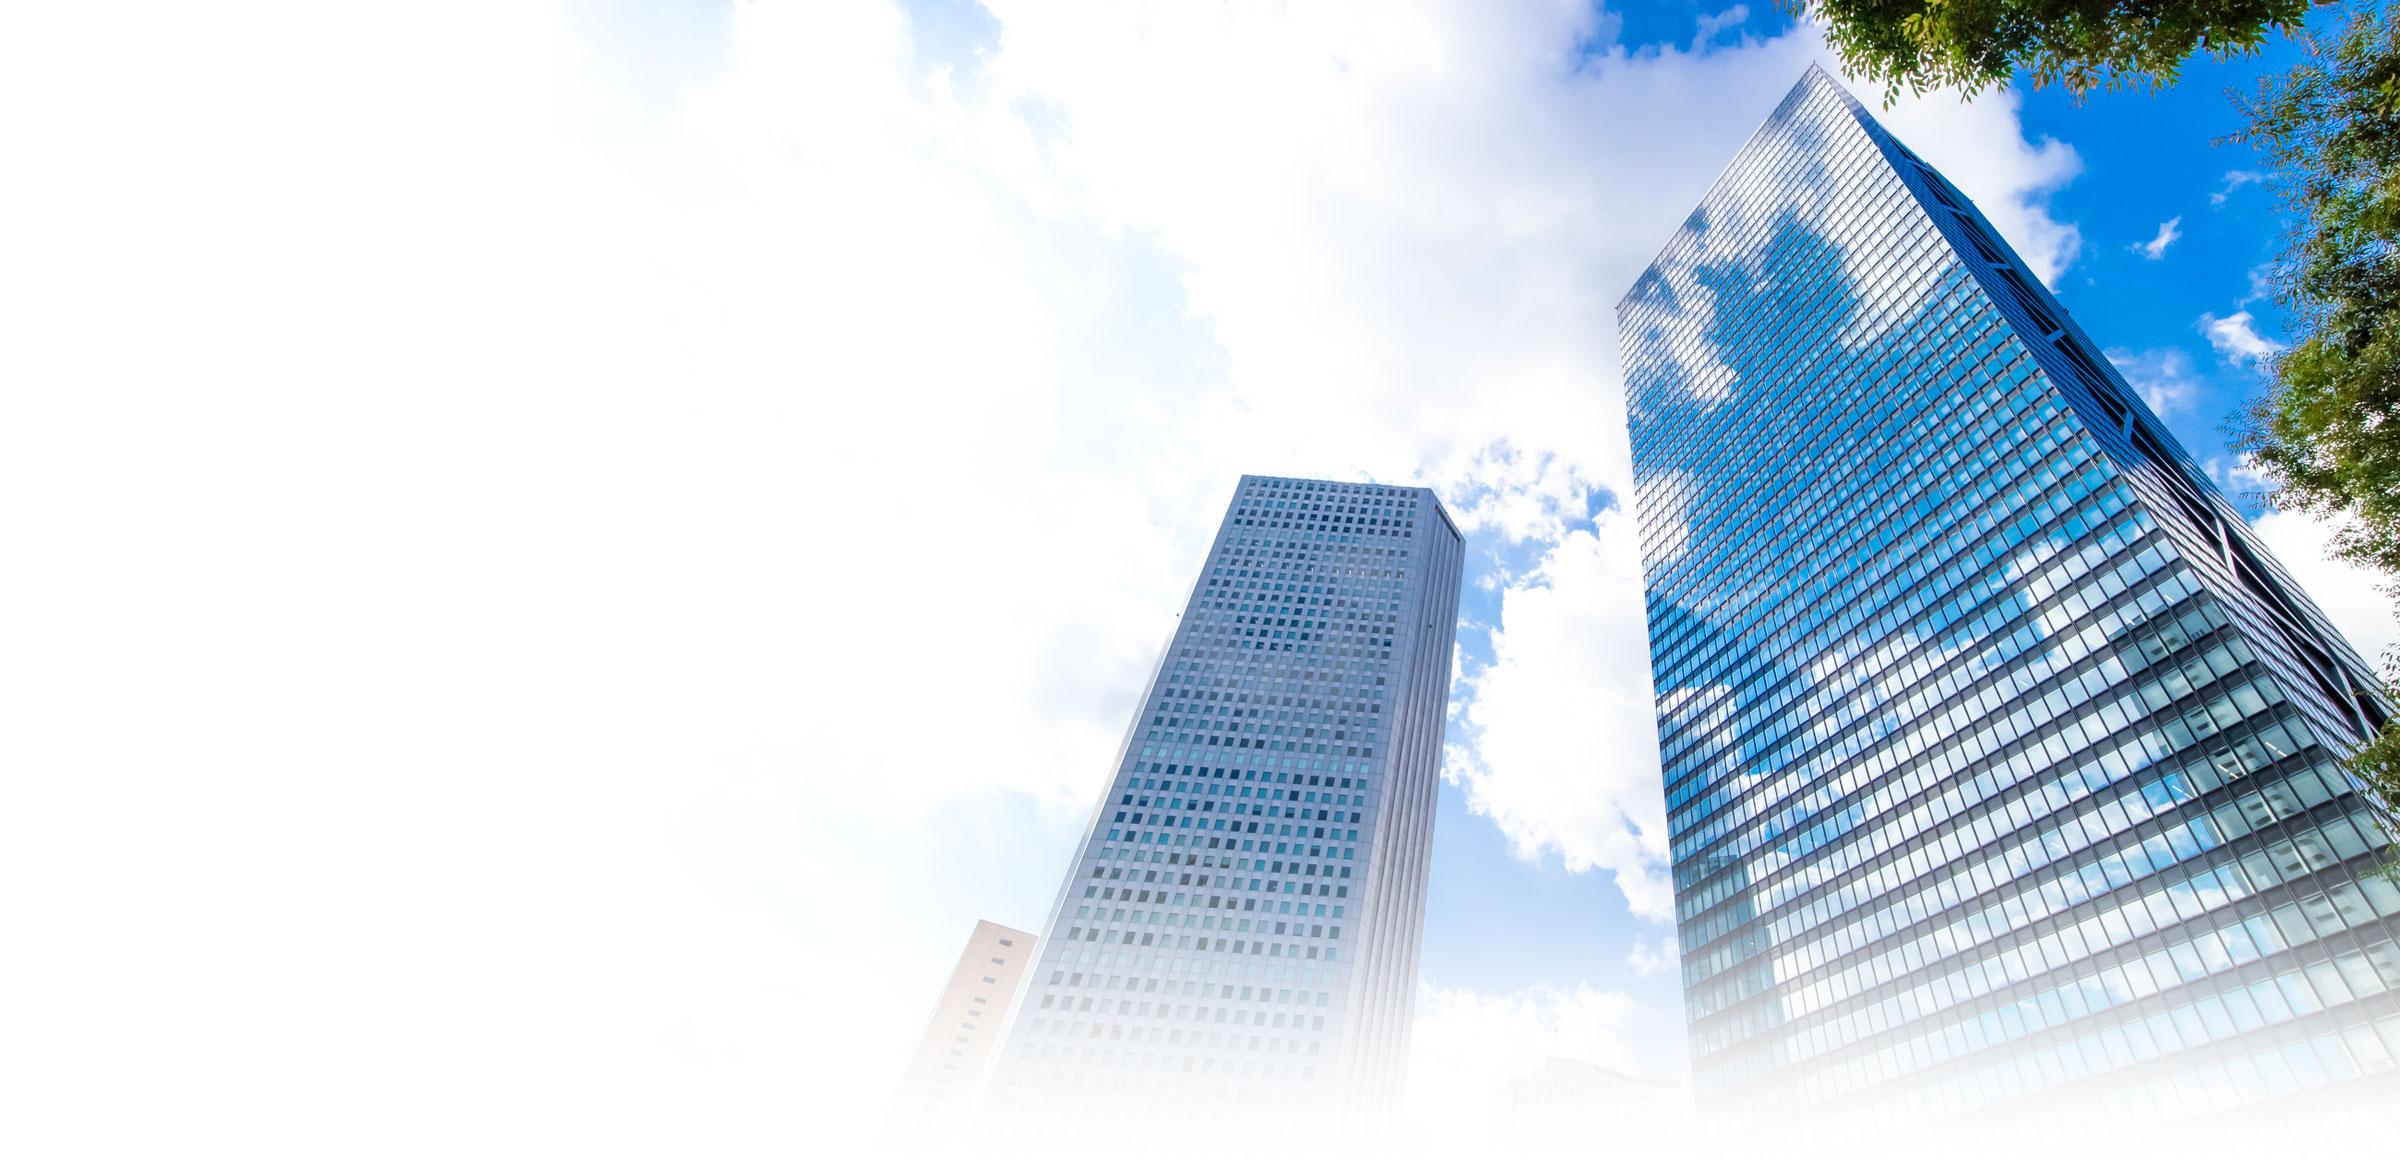 株式会社ファビルス|福岡のビル・マンション管理の株式会社ファビルス